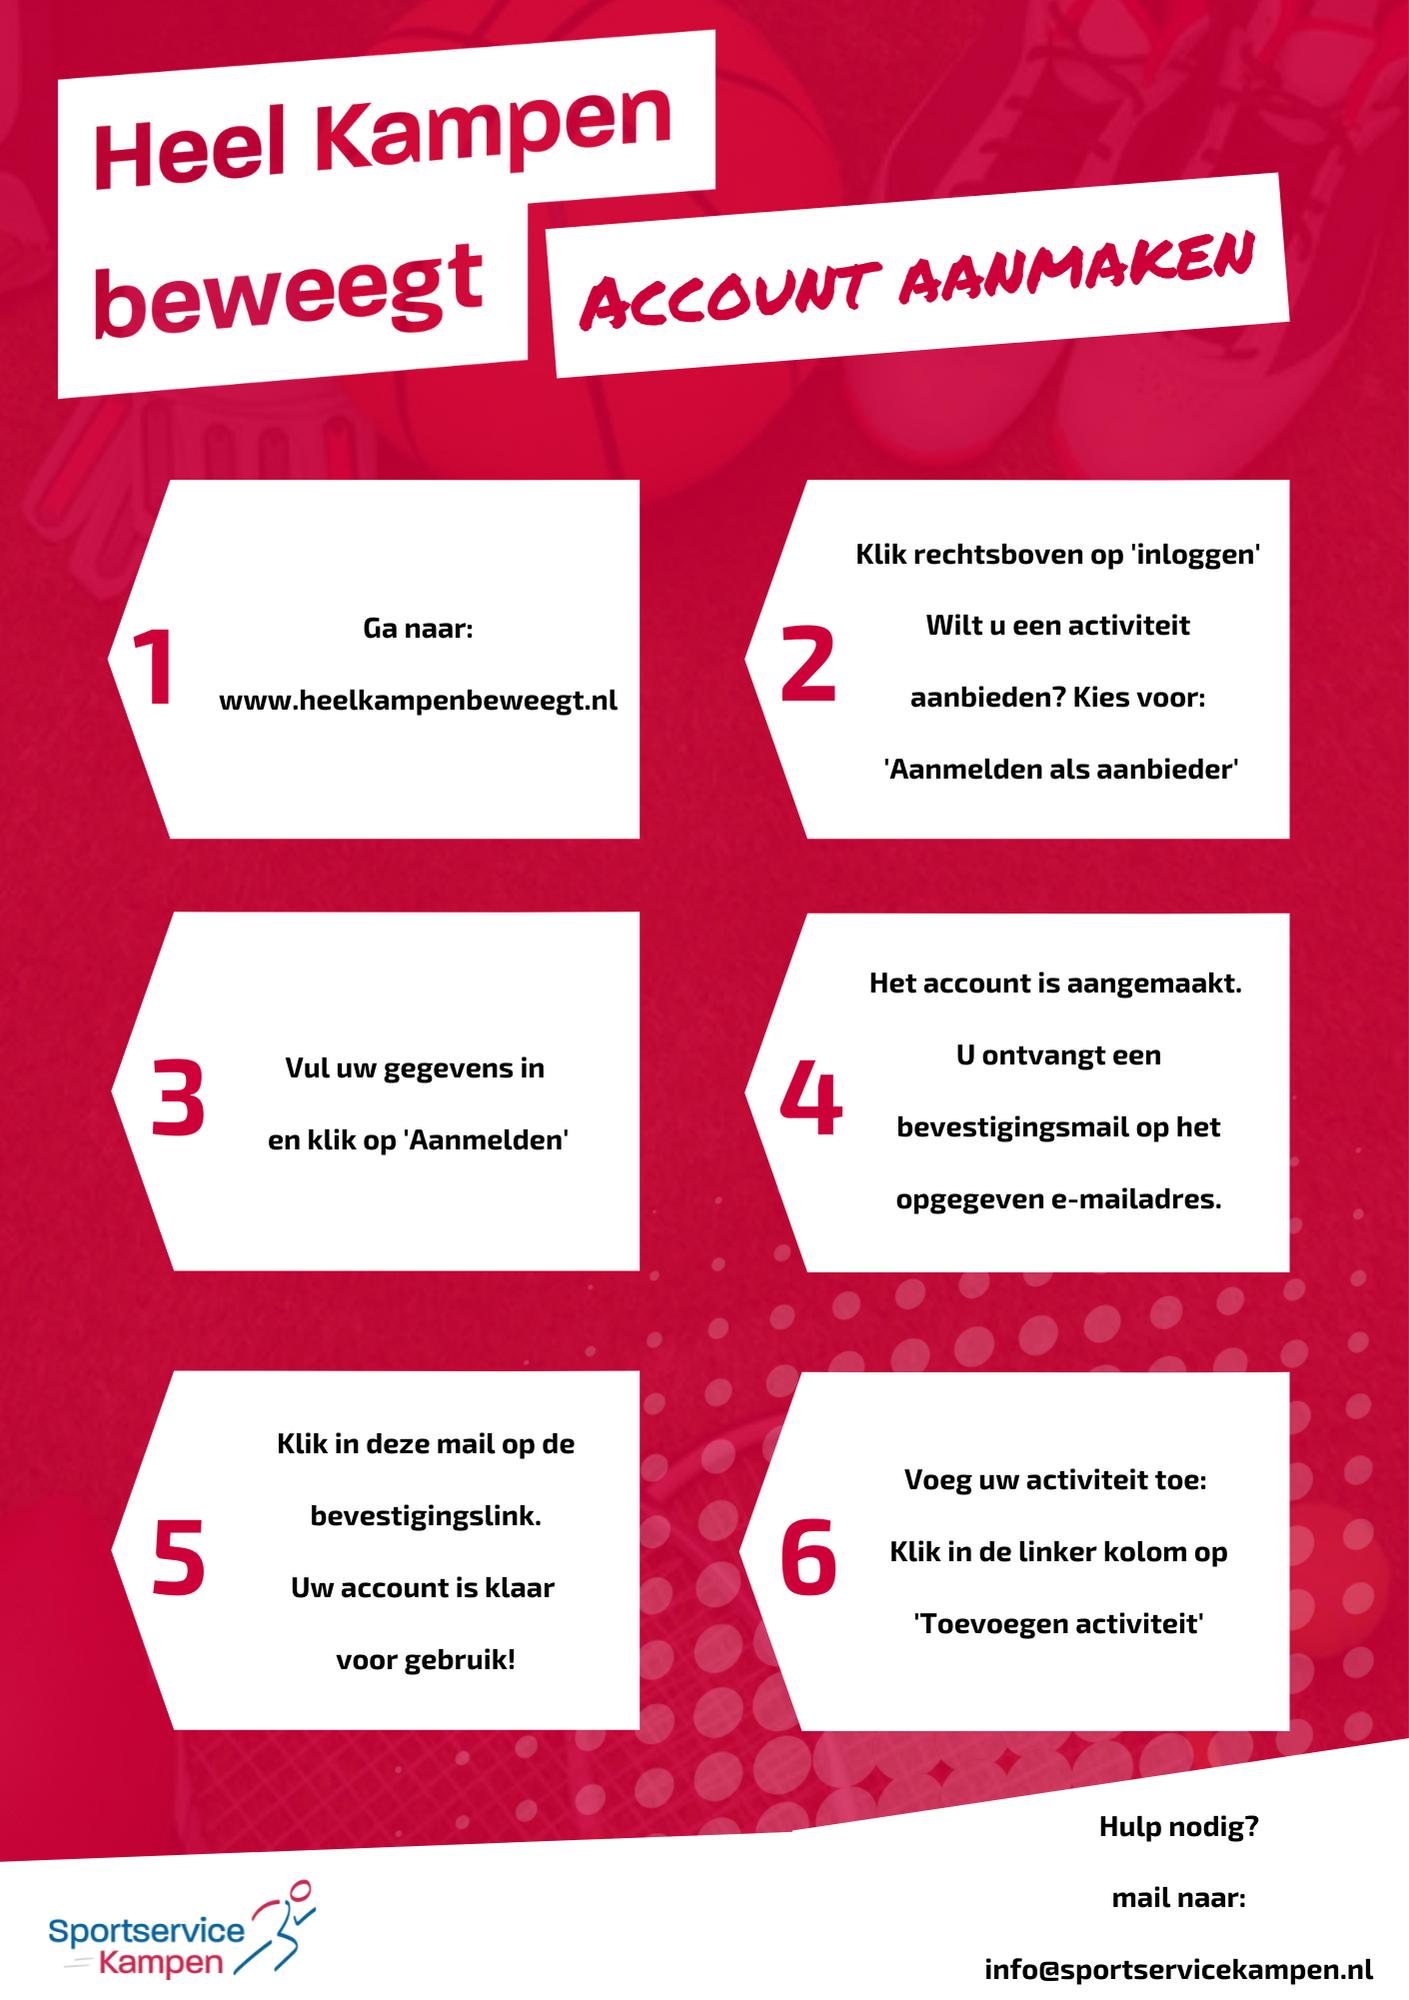 Stappenplan account aanmaken op heelkampenbeweegt.nl